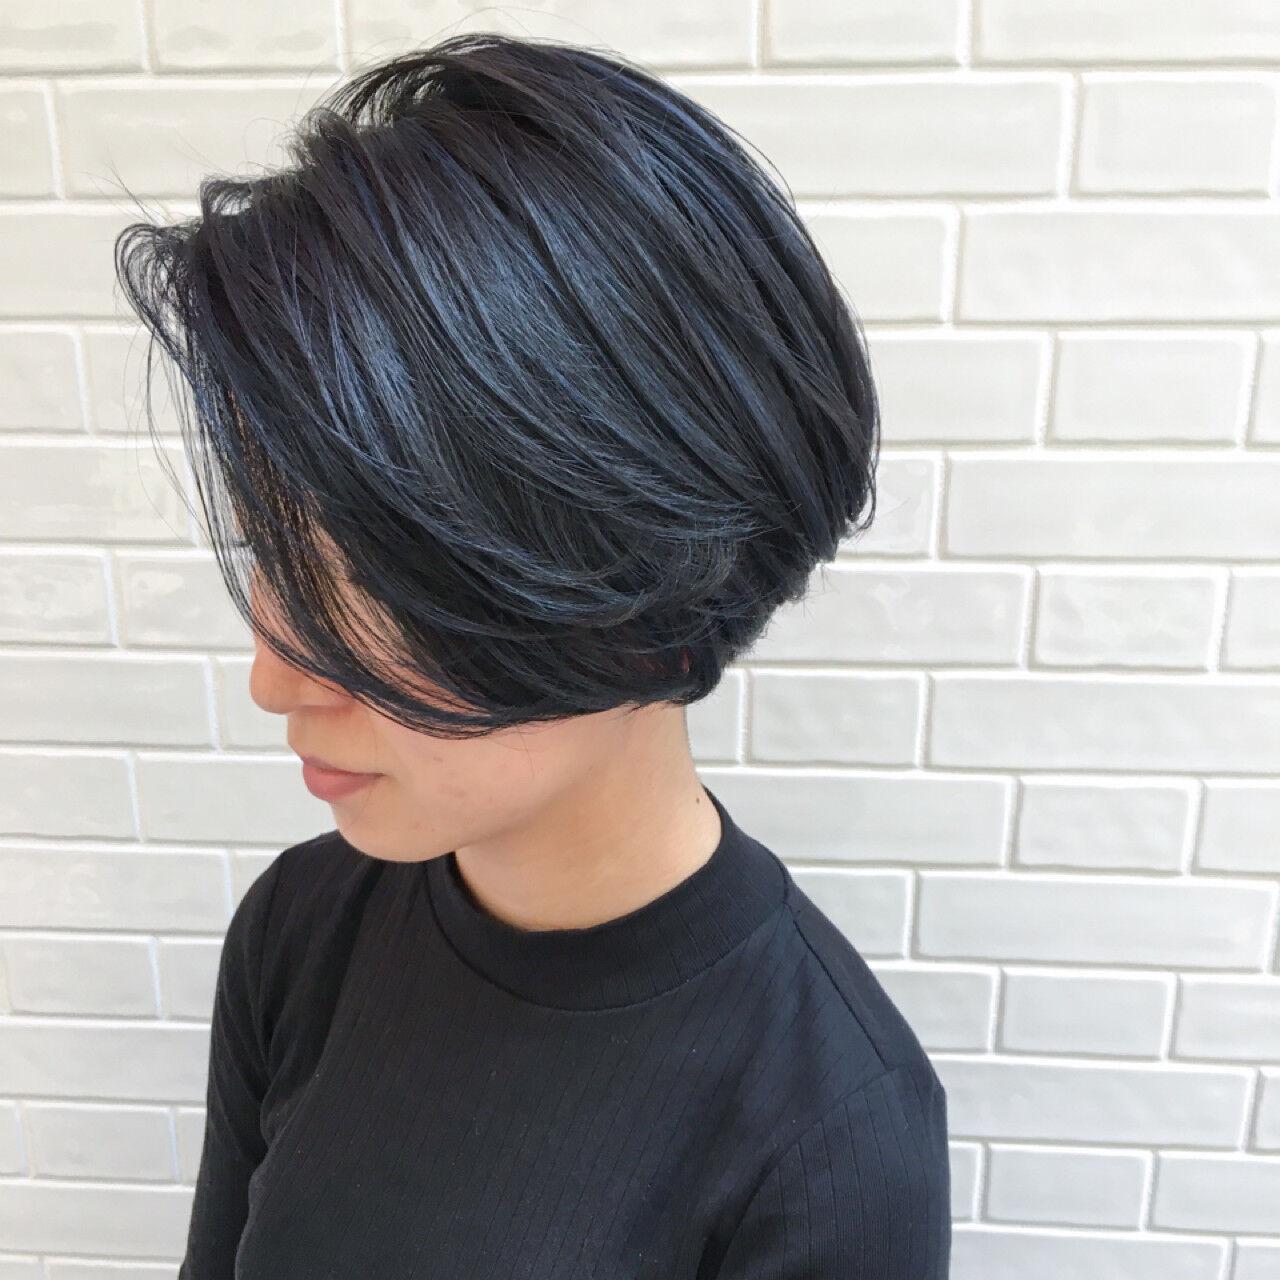 ネイビー ショートボブ ハイライト モードヘアスタイルや髪型の写真・画像